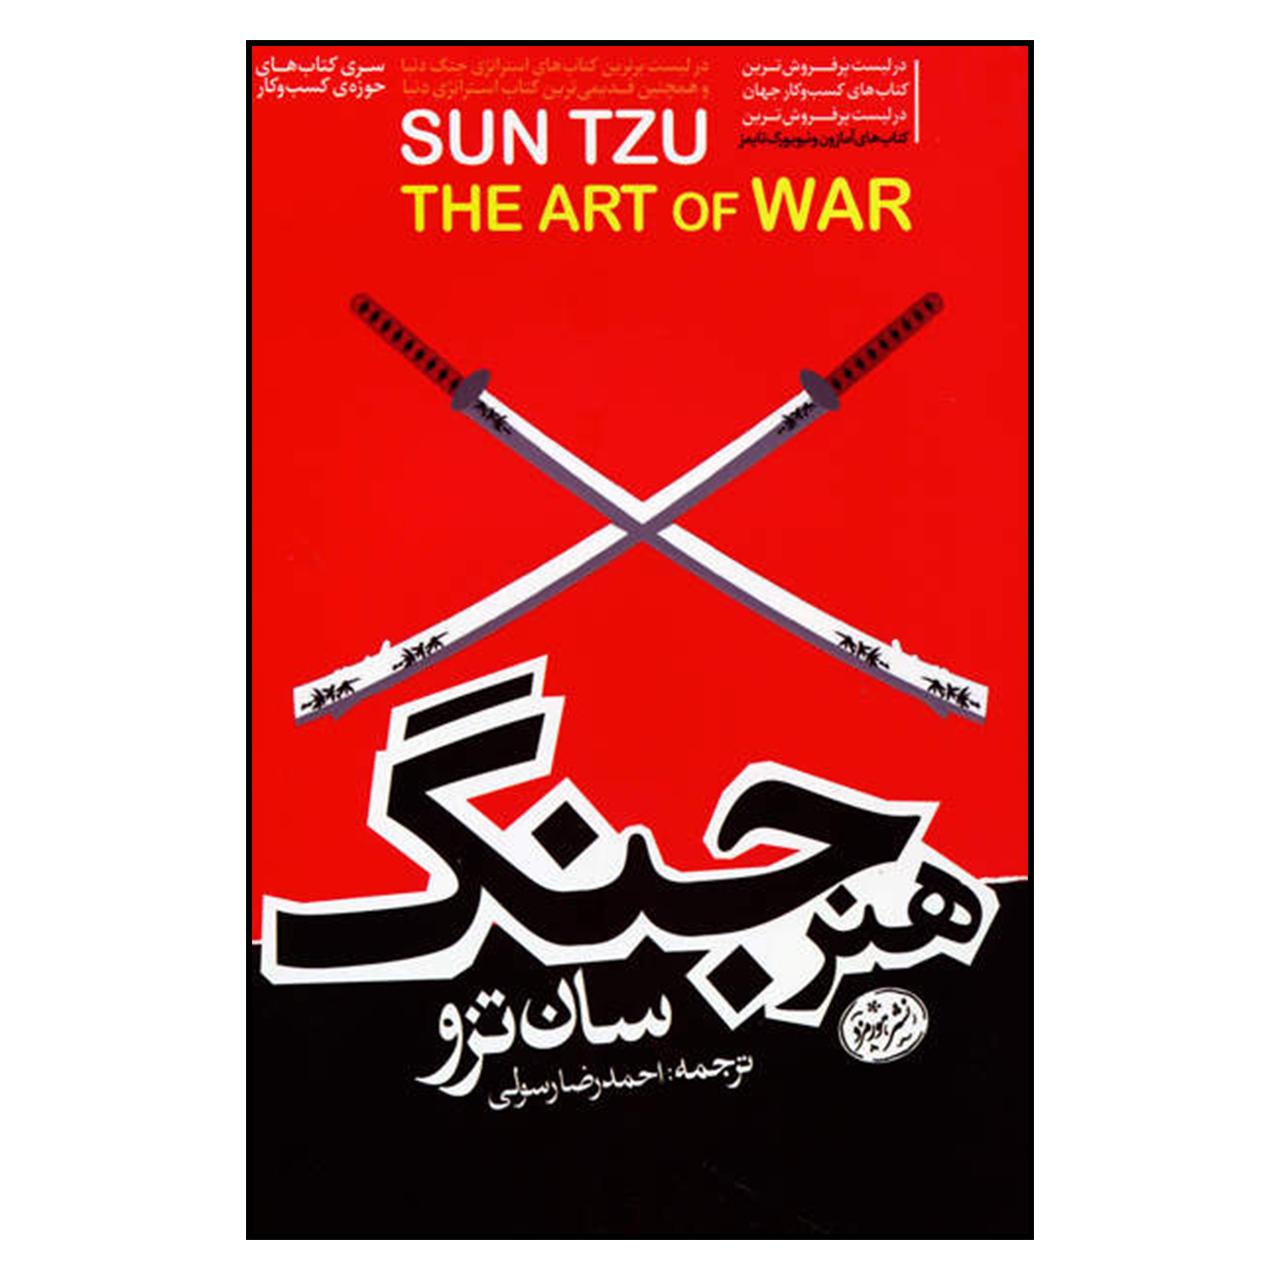 خرید                      کتاب هنر جنگ اثر سان تزو نشر هورمزد